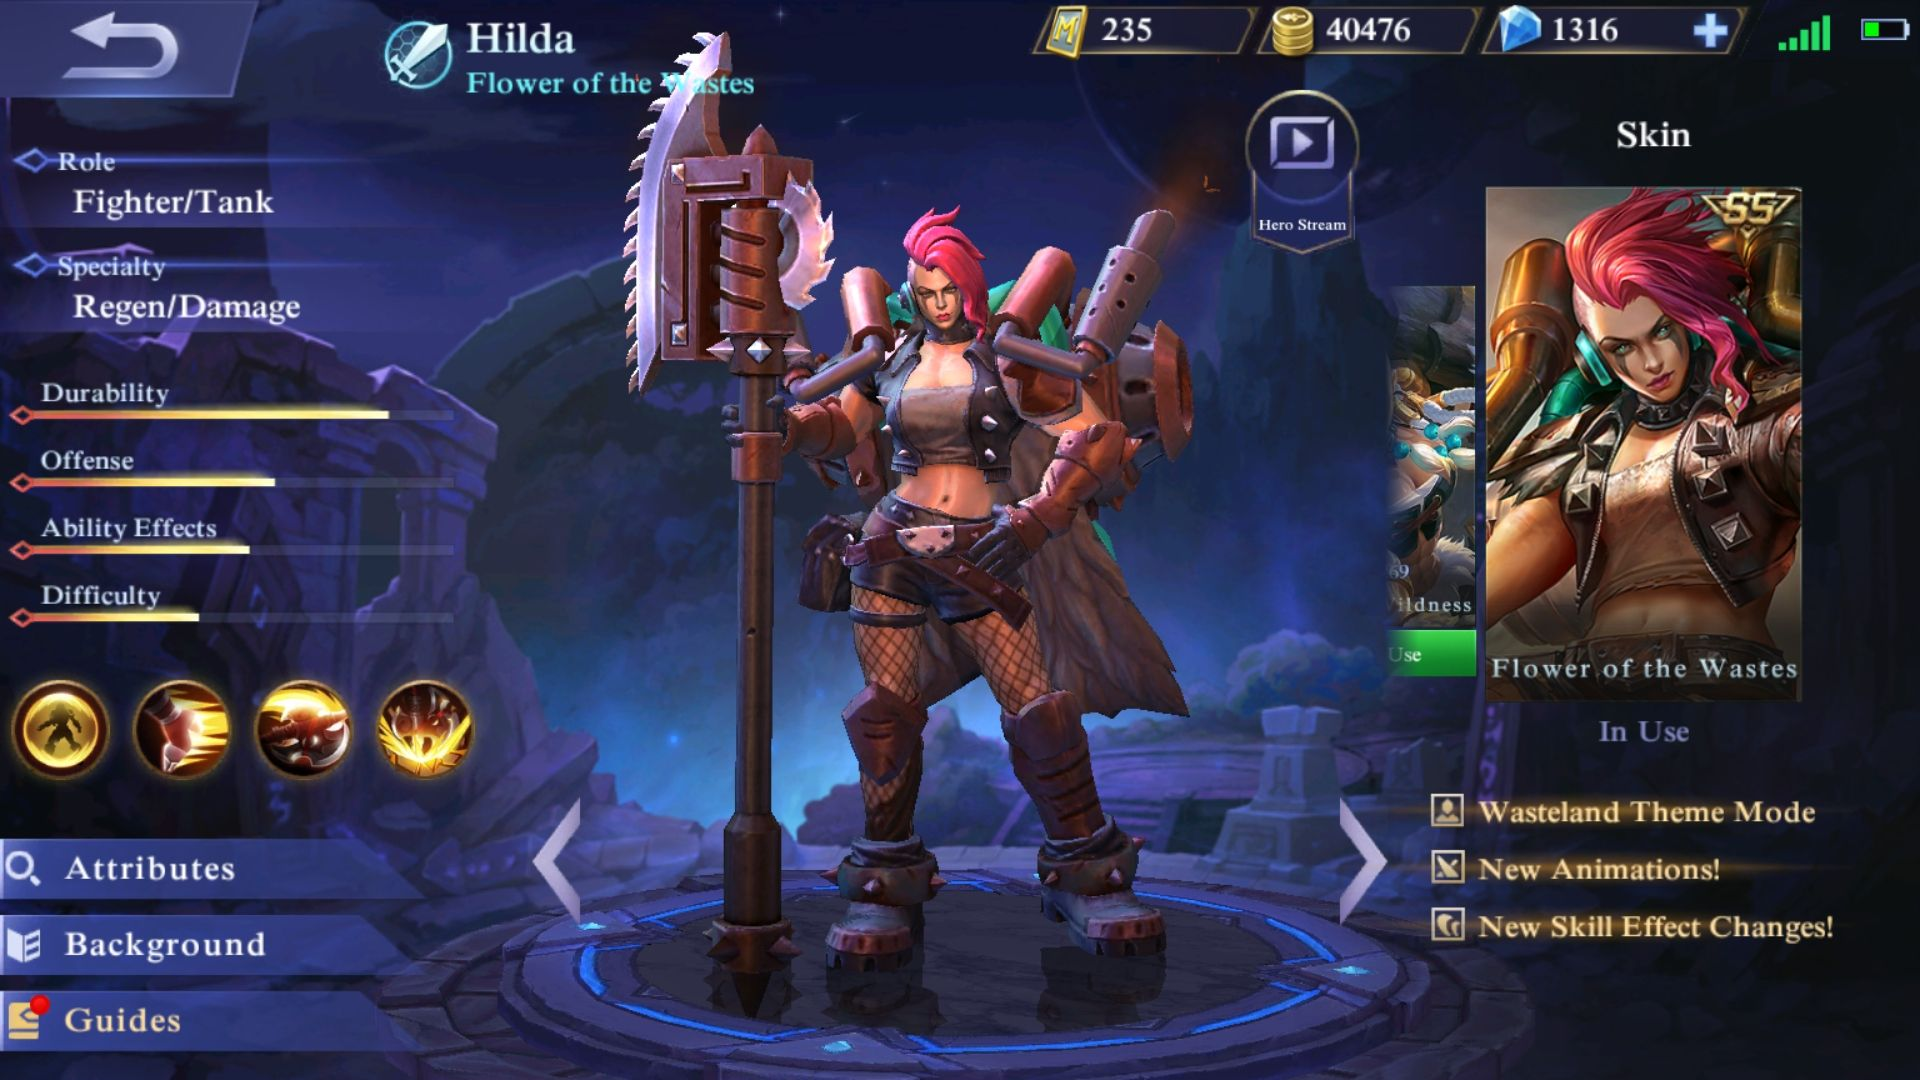 hero-cewek-mobile-legends-hilda